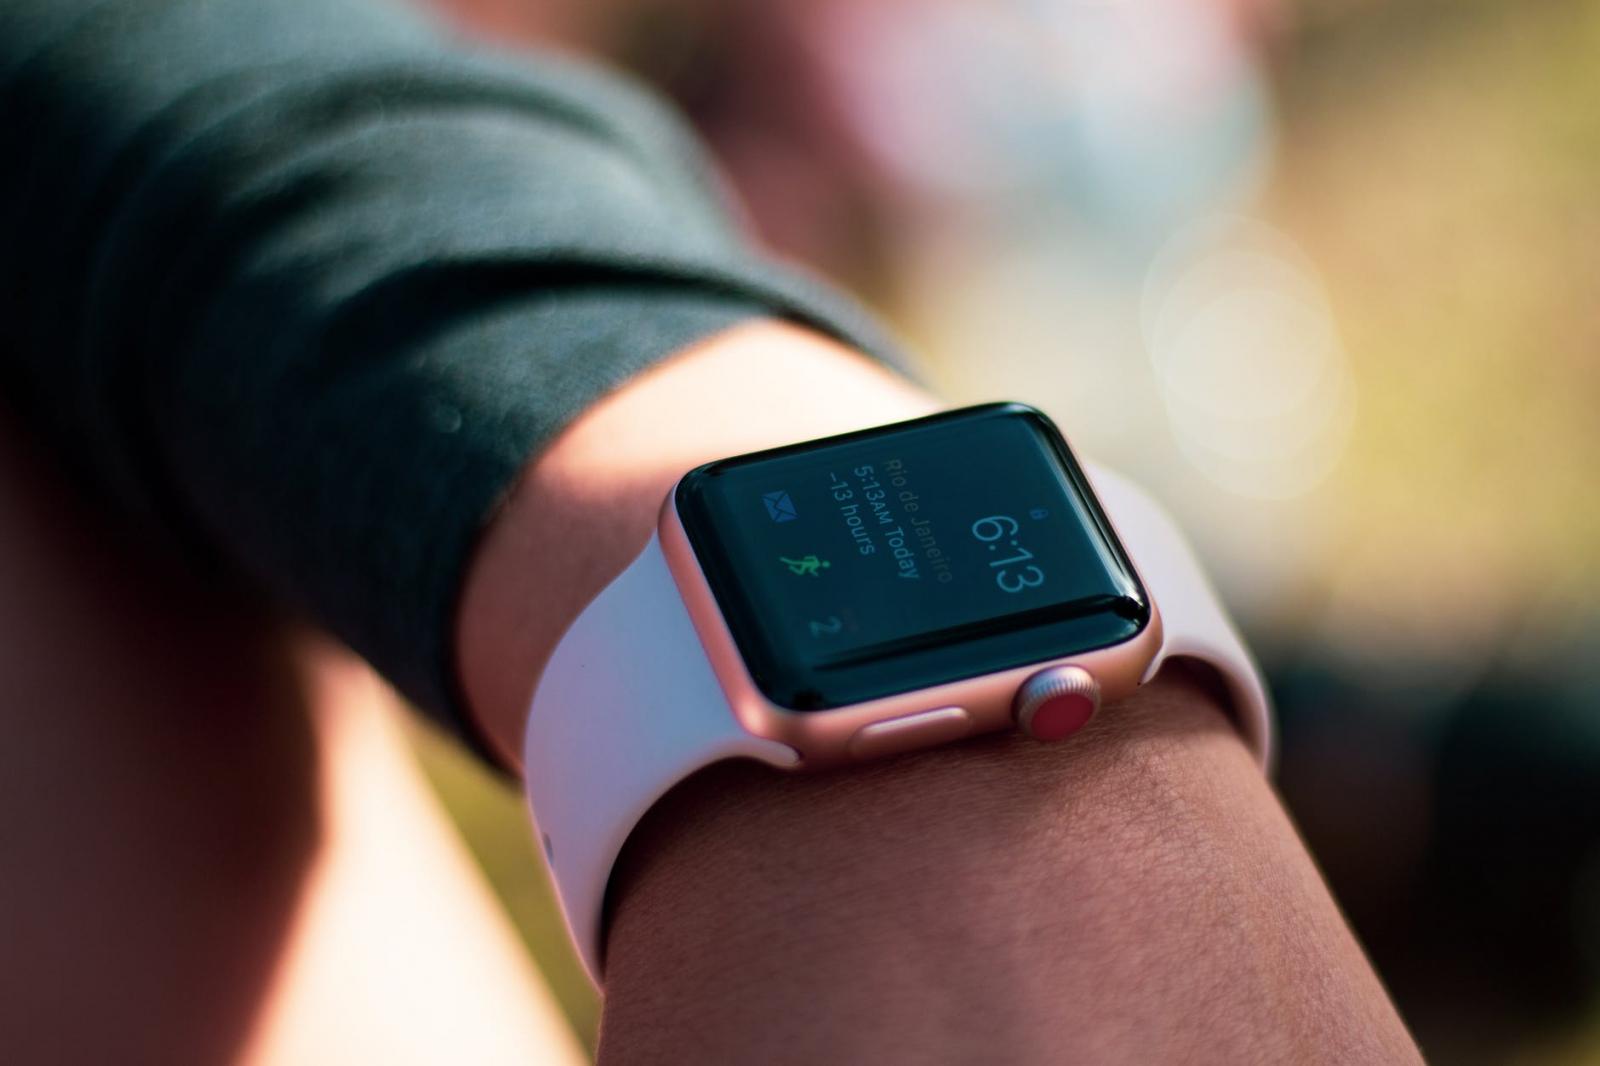 【快訊】Apple Watch 7 恐延後上市 日媒曝原因:太複雜